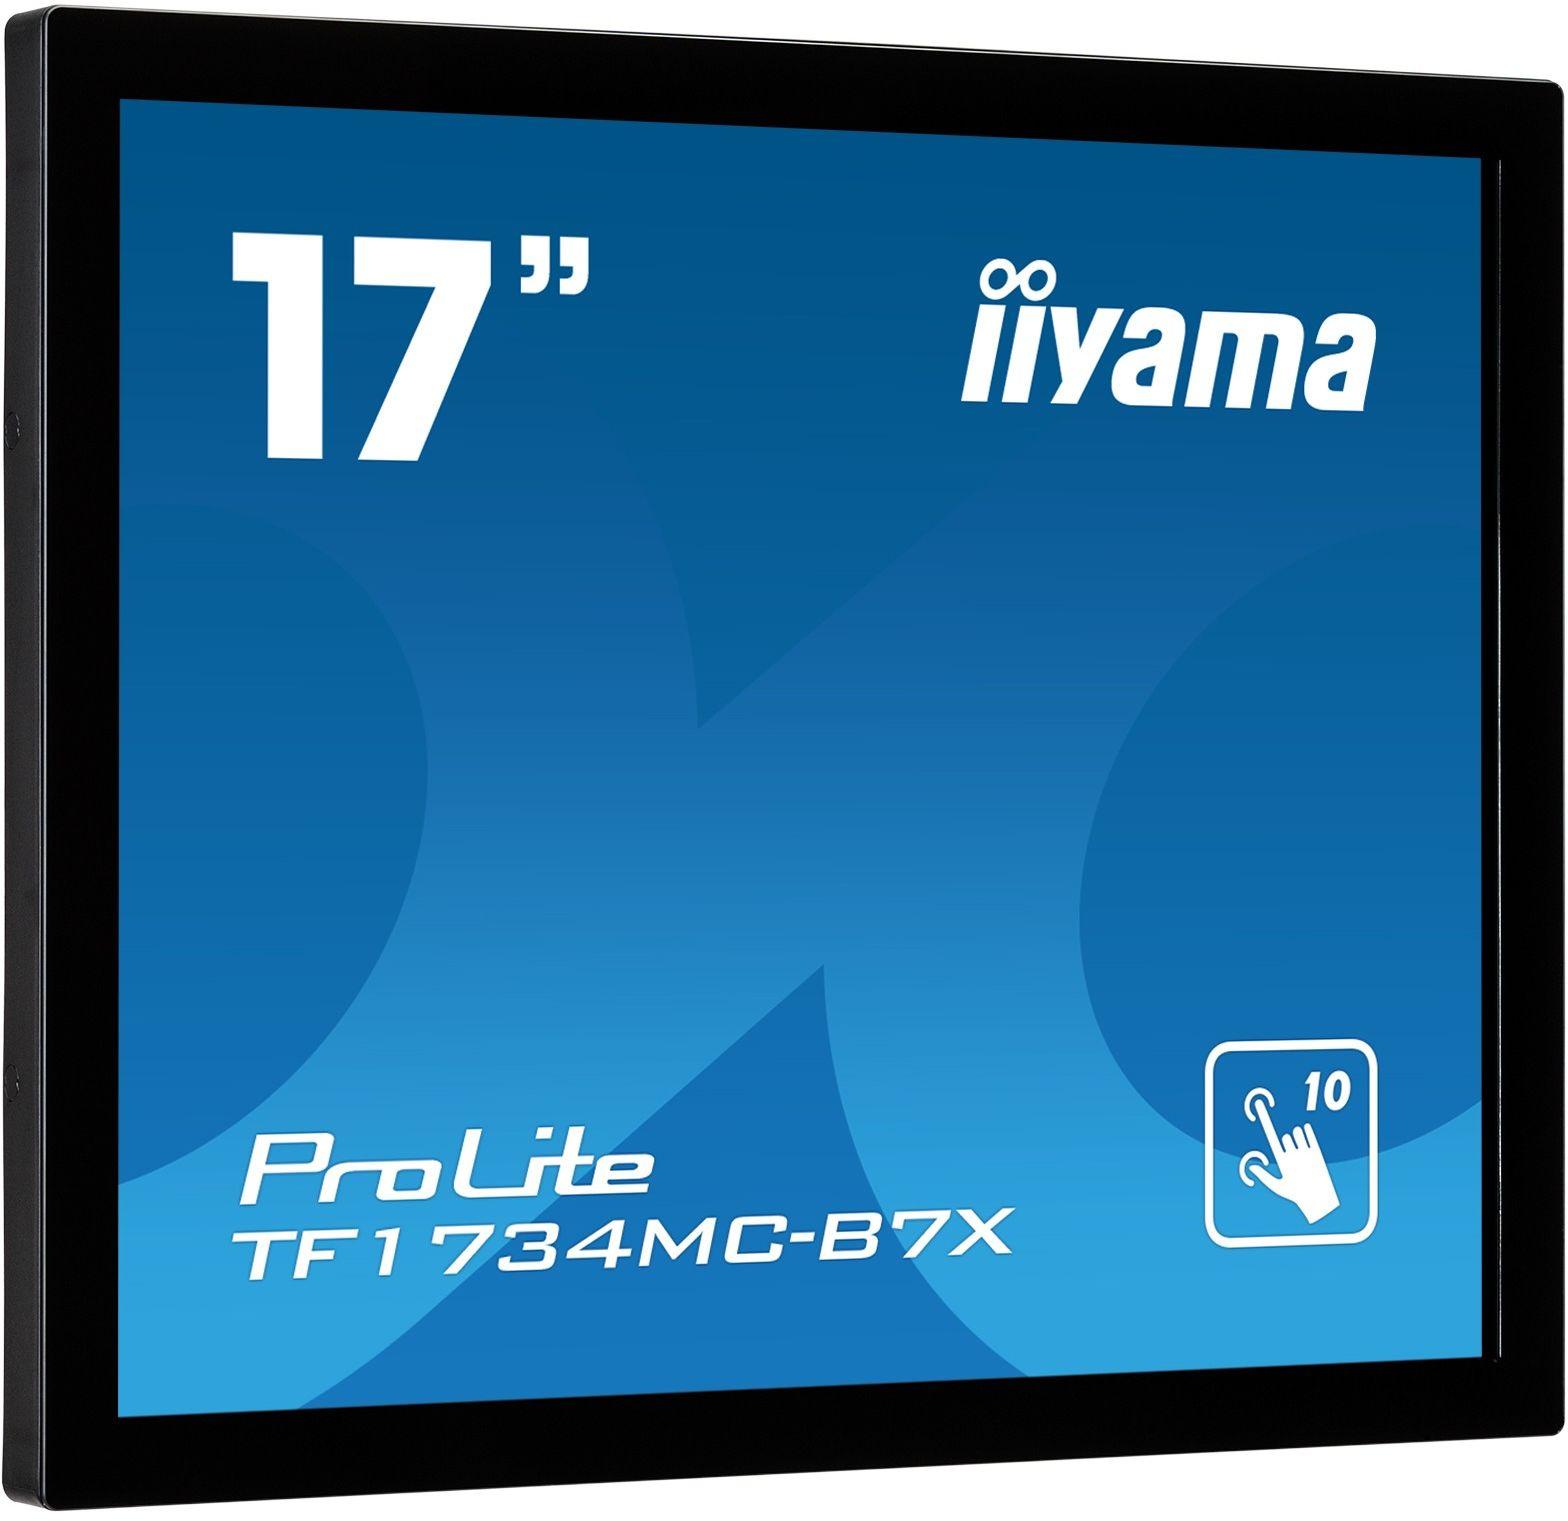 """Monitor dotykowy do zabudowy iiyama ProLite TF1734MC-B7X 17"""" IP65 LED openframe + WYSYŁKA W 24H GRATIS !! AUTORYZOWANY SKLEP IIYAMA"""